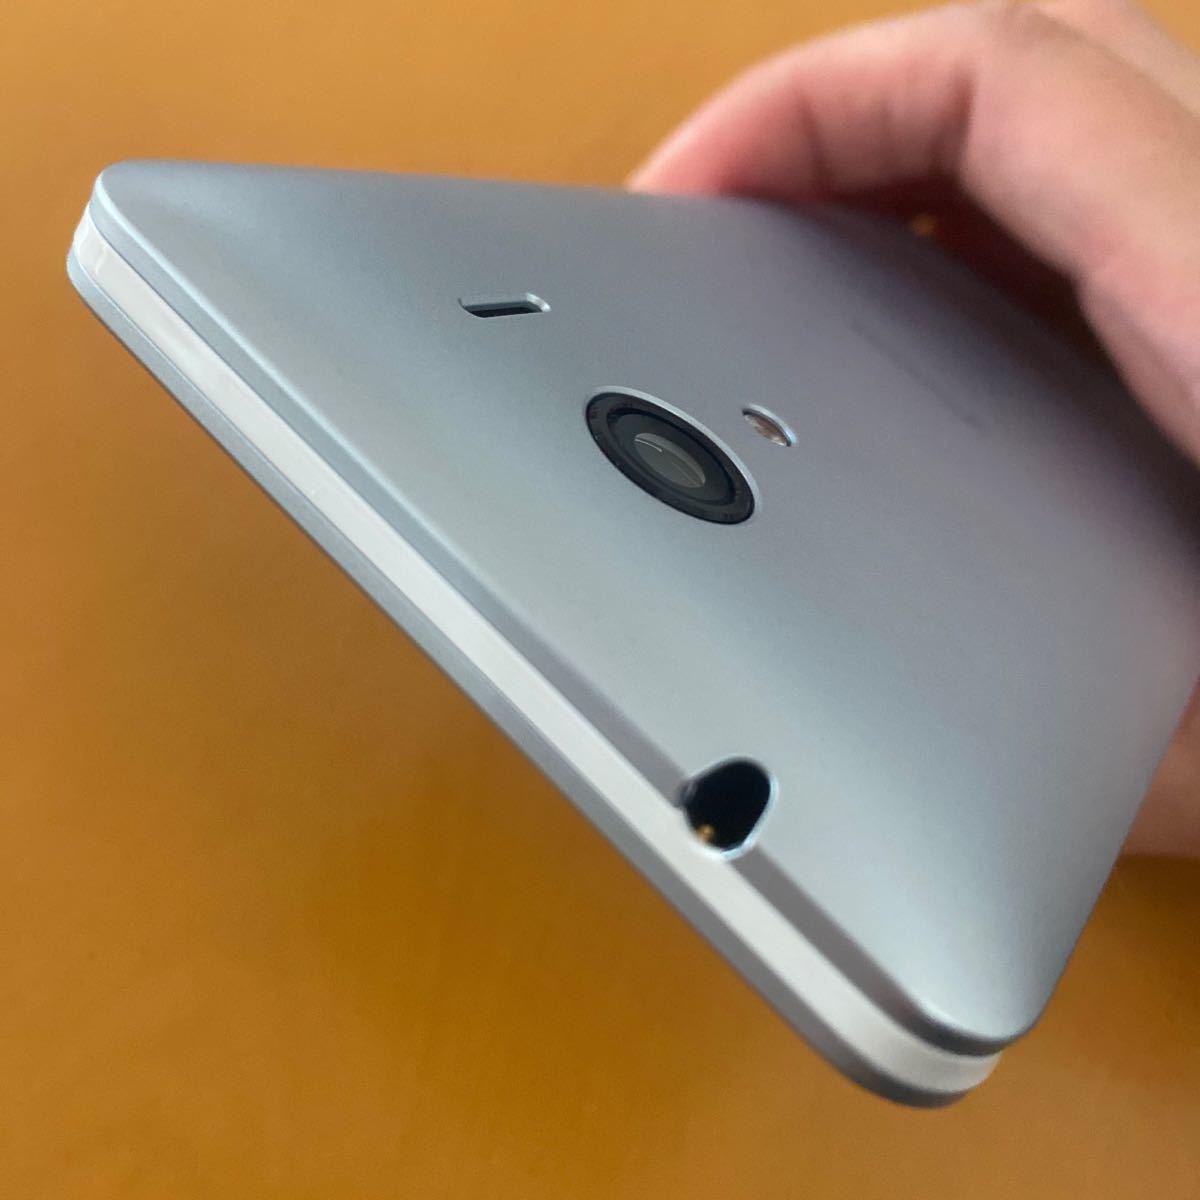 匿名発送無料!中古美品 SIMフリー Y!mobile Android One S2 ホワイト ネットワーク制限○ SIMロック解除済み 初期化済み_画像5